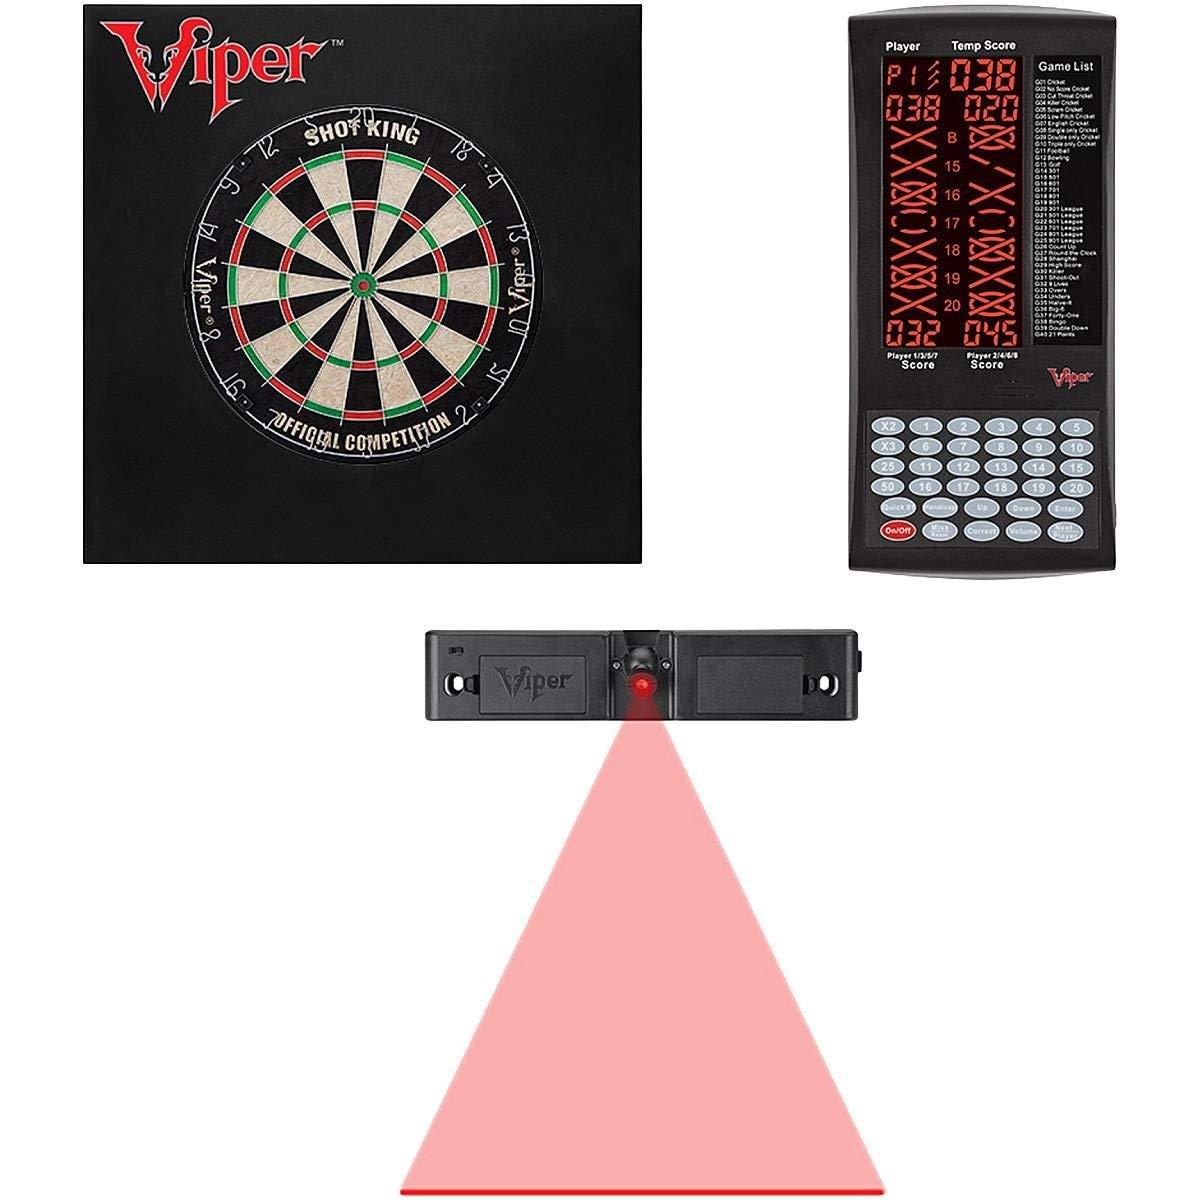 Viper Shot King SISAL Dartboard, PROSCORE Scoreboard, Defender II Backboard